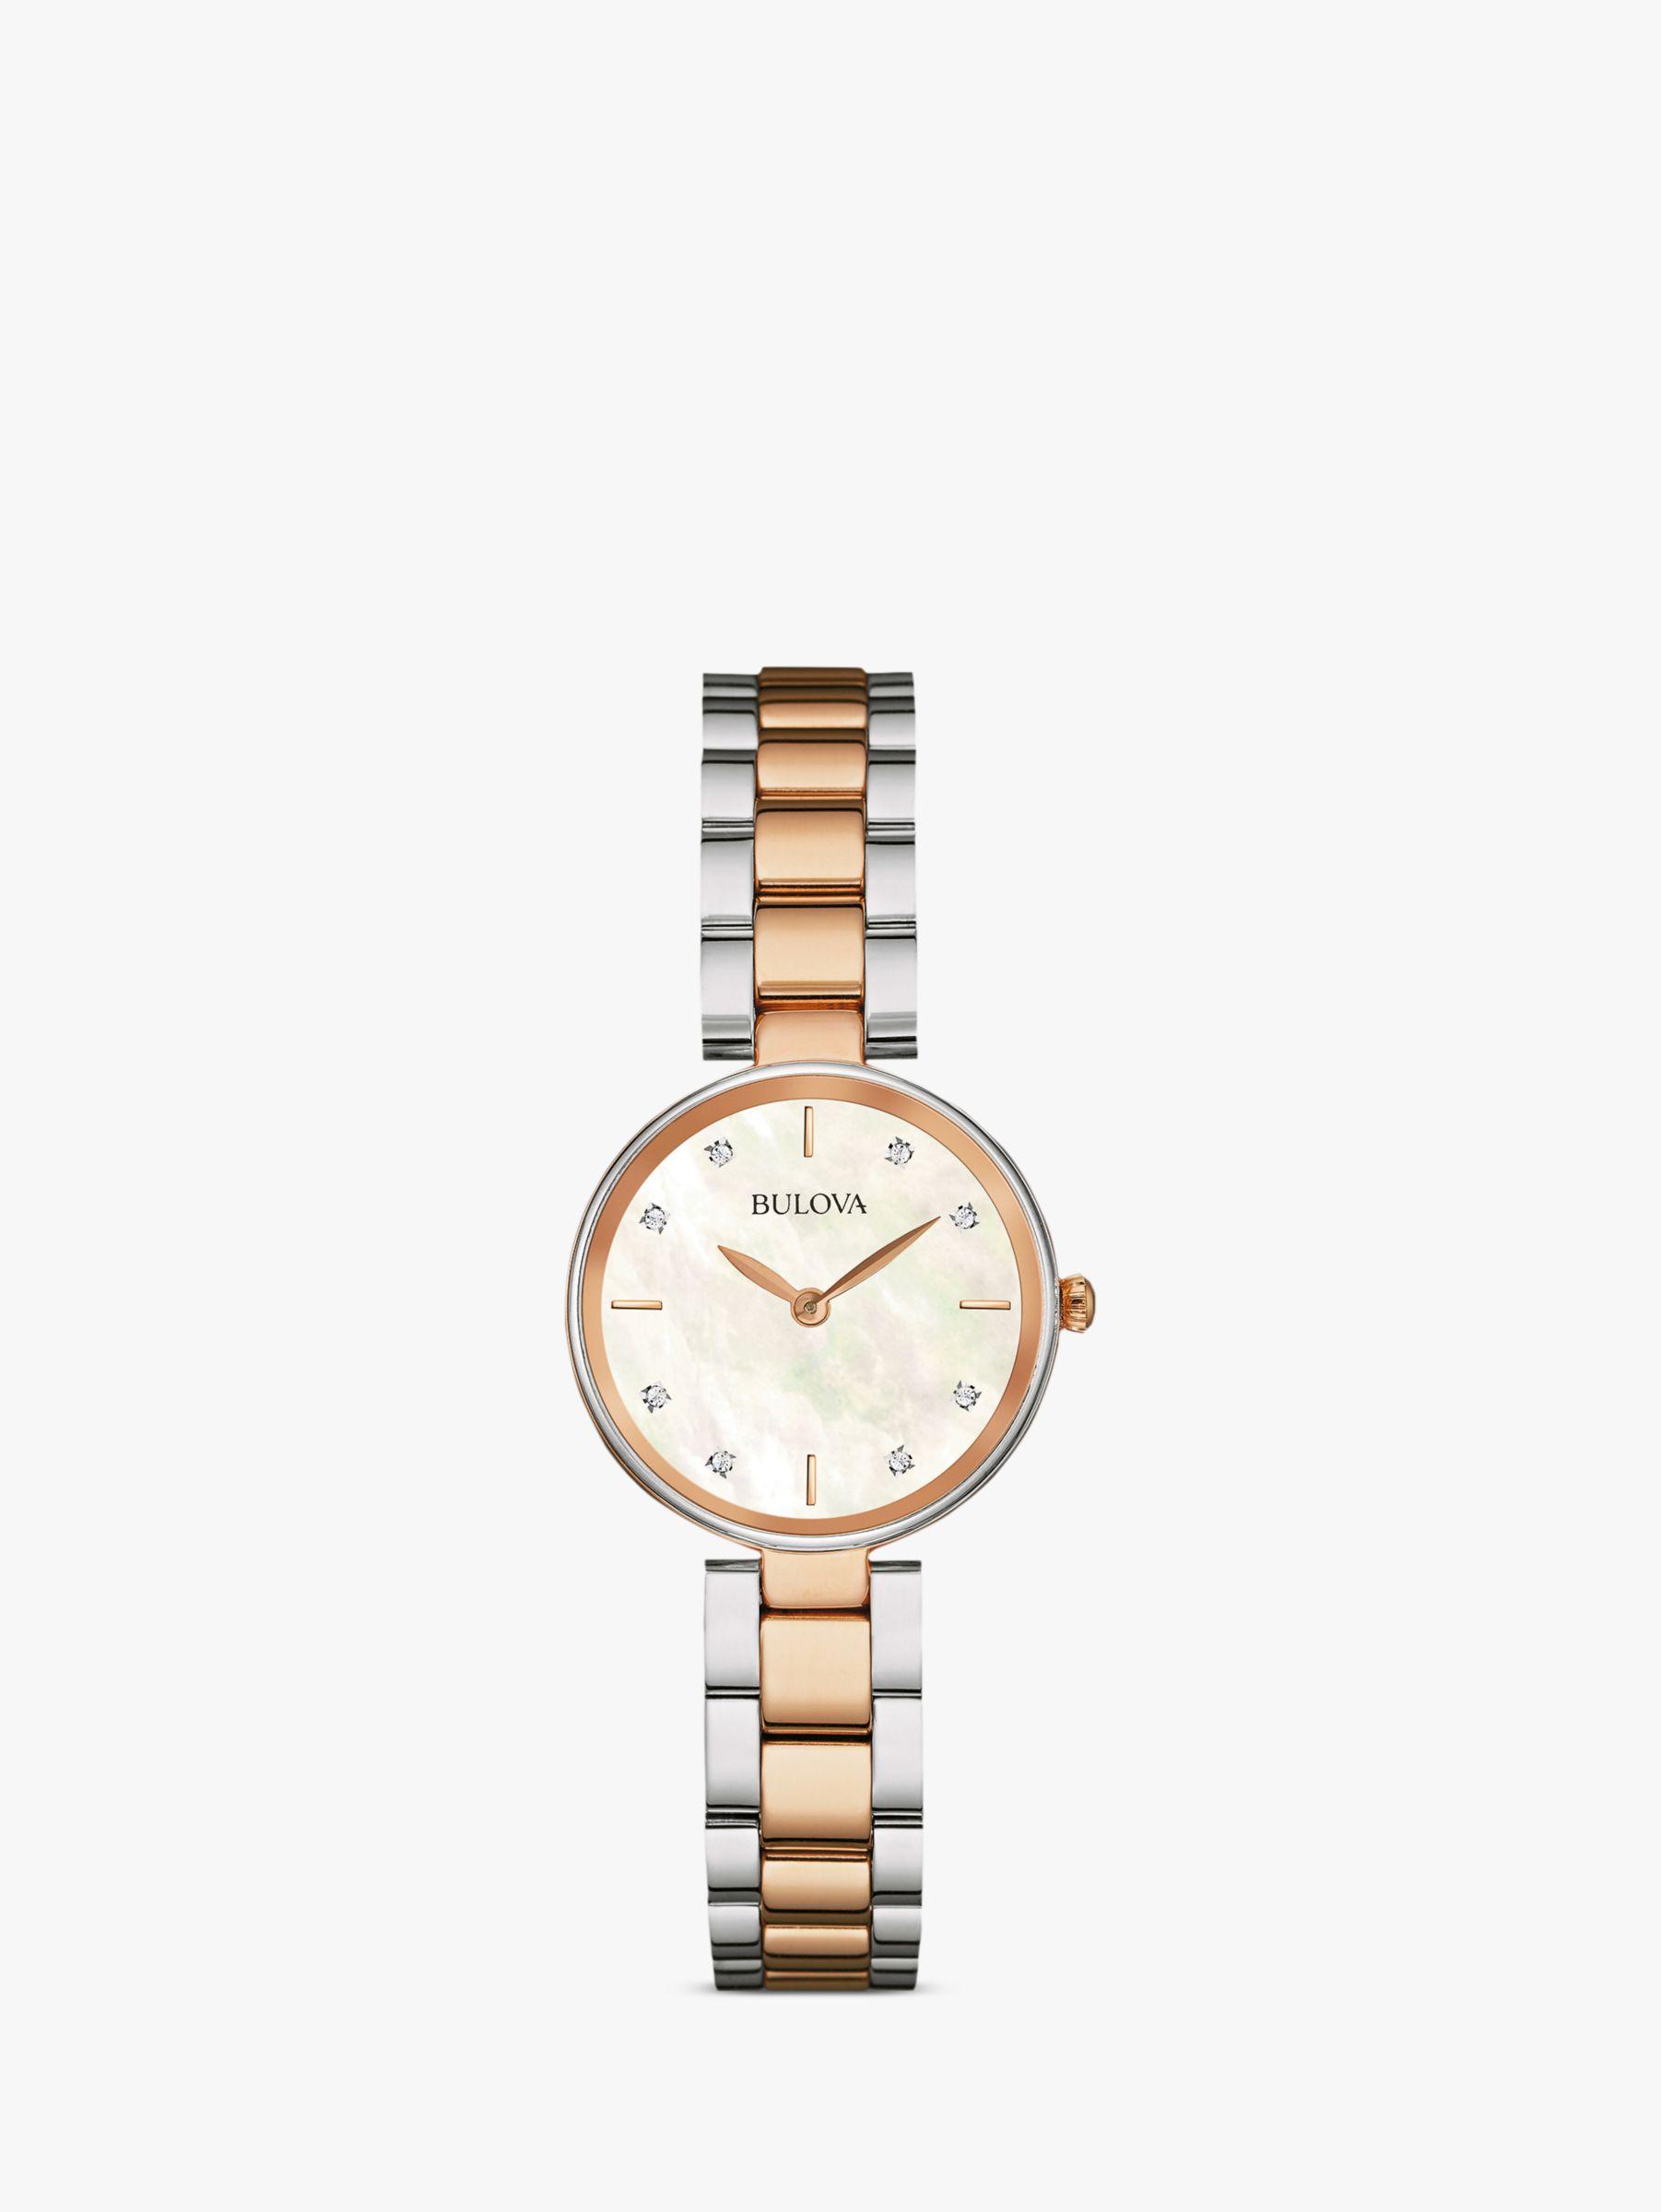 Bulova Bulova 98S147 Women's Diamond Bracelet Strap Watch, Rose Gold/Silver